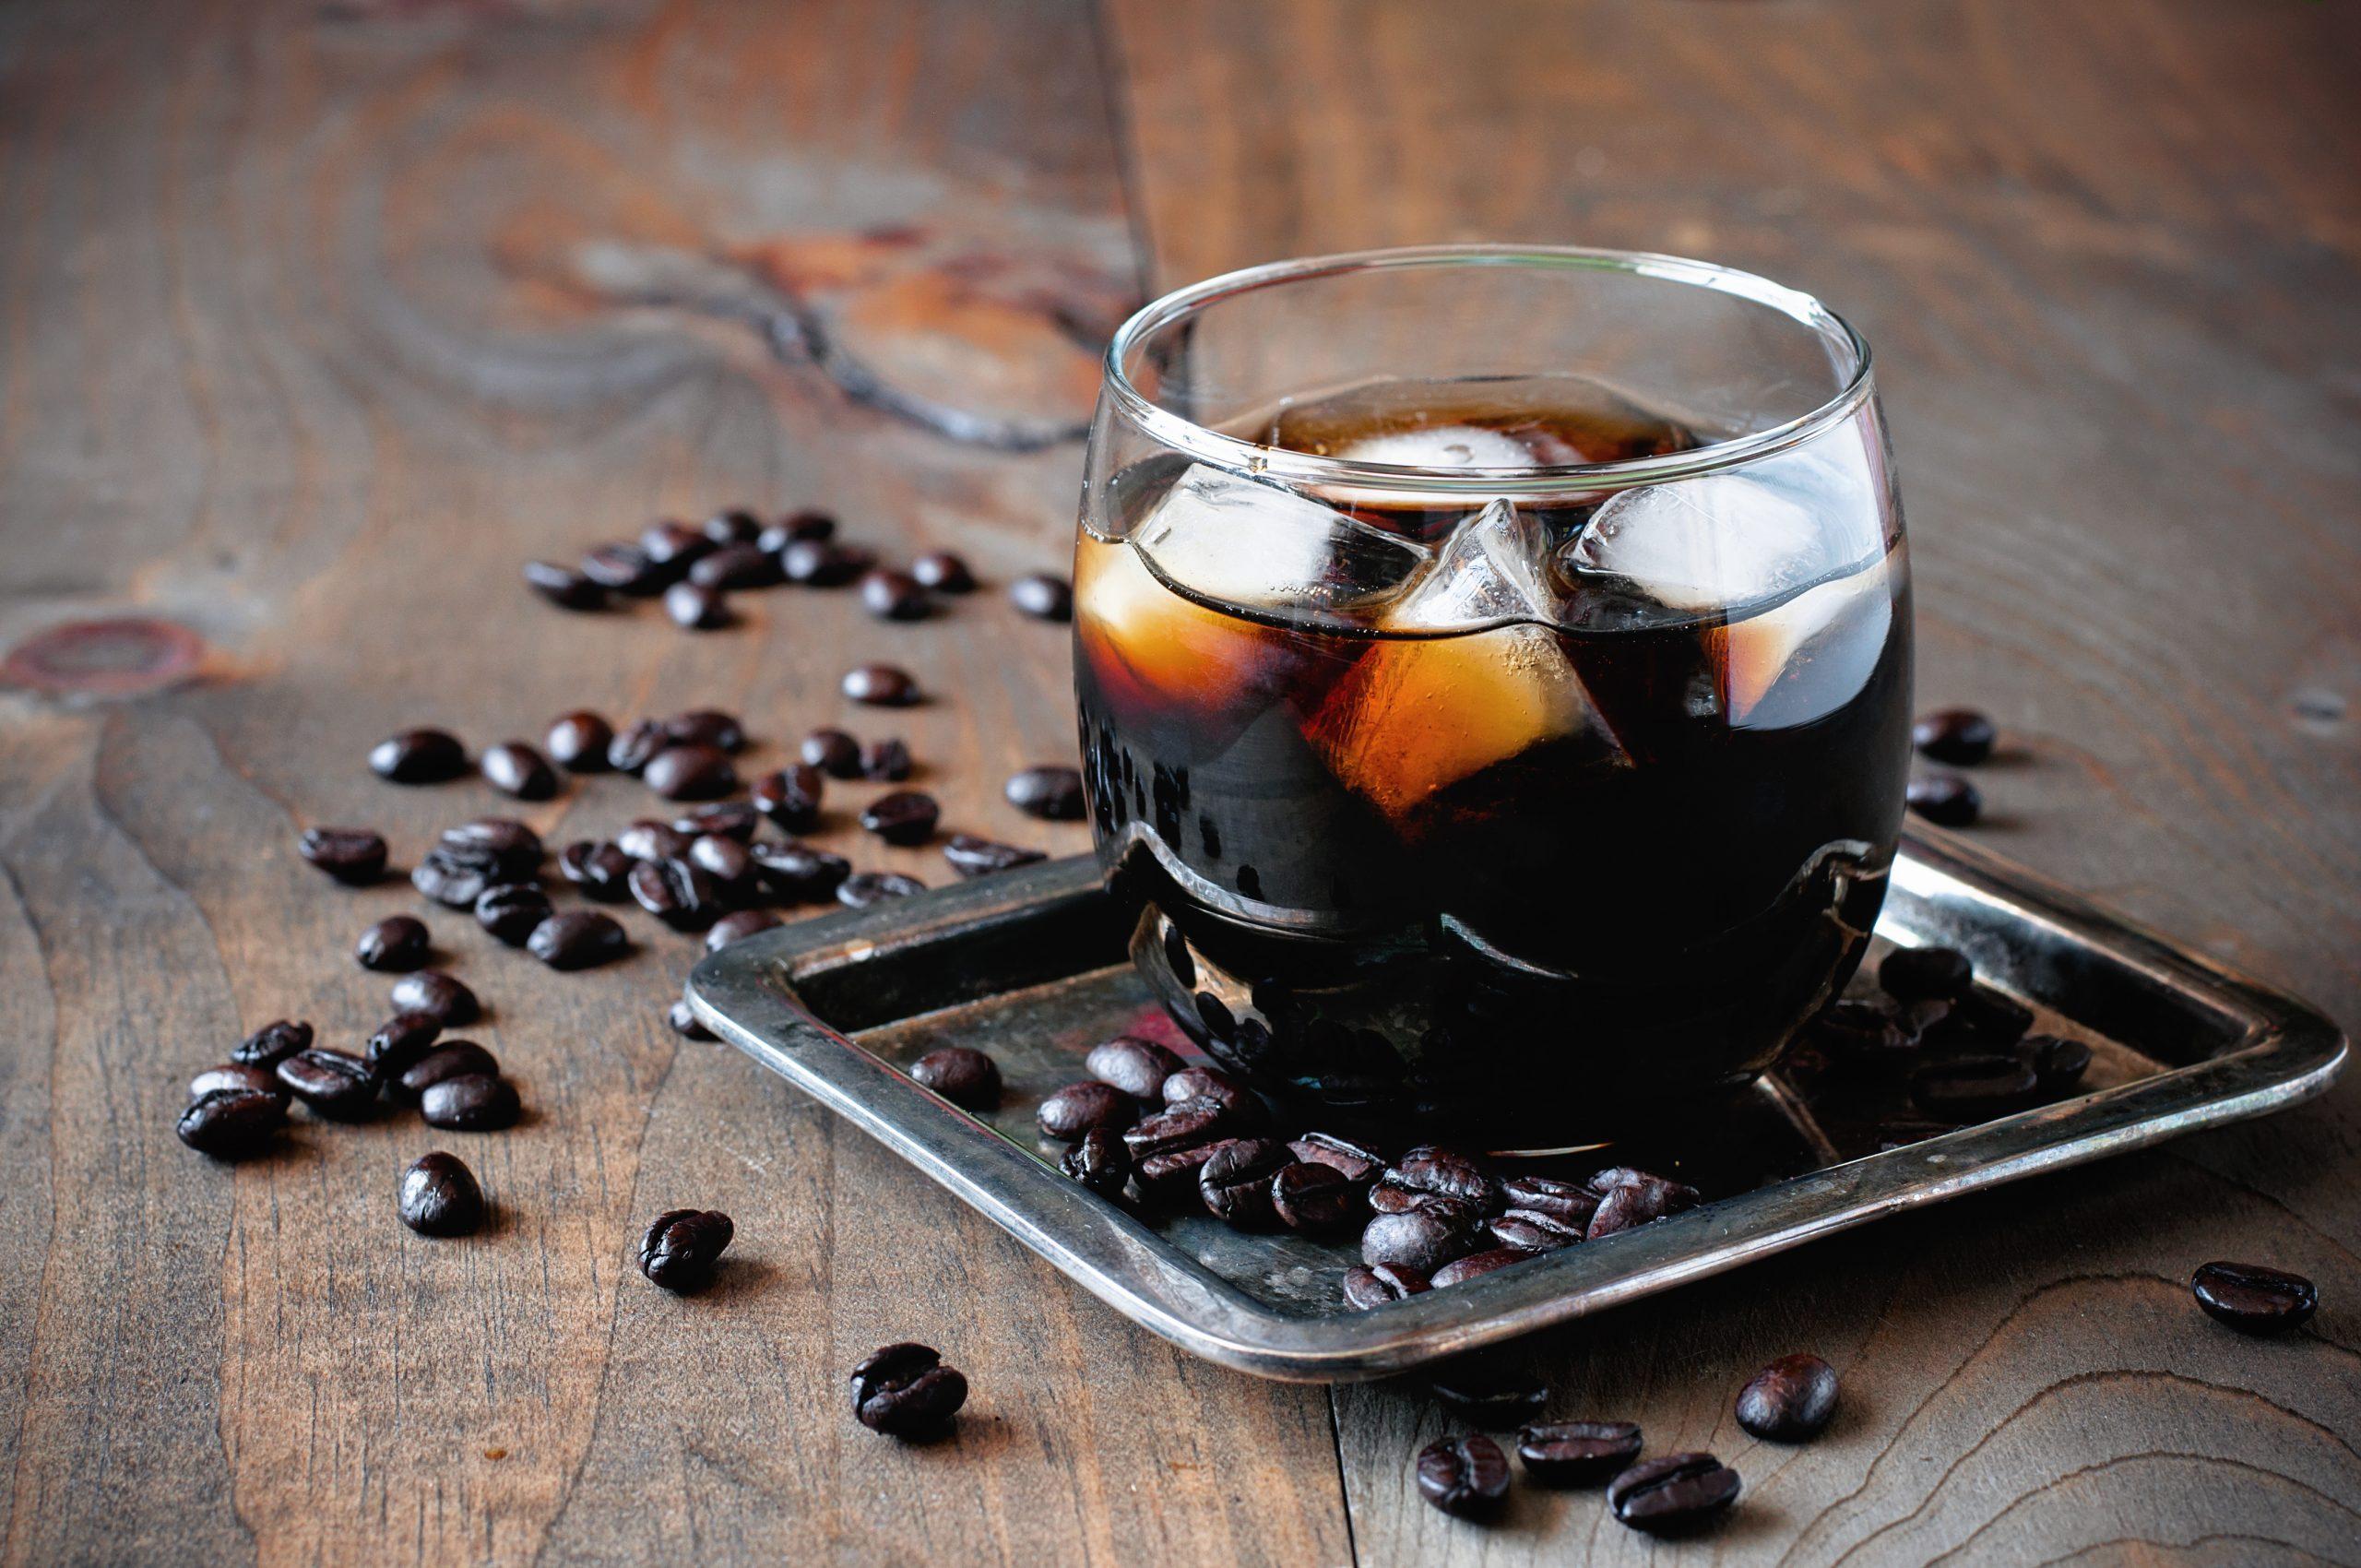 Una copa con licor café